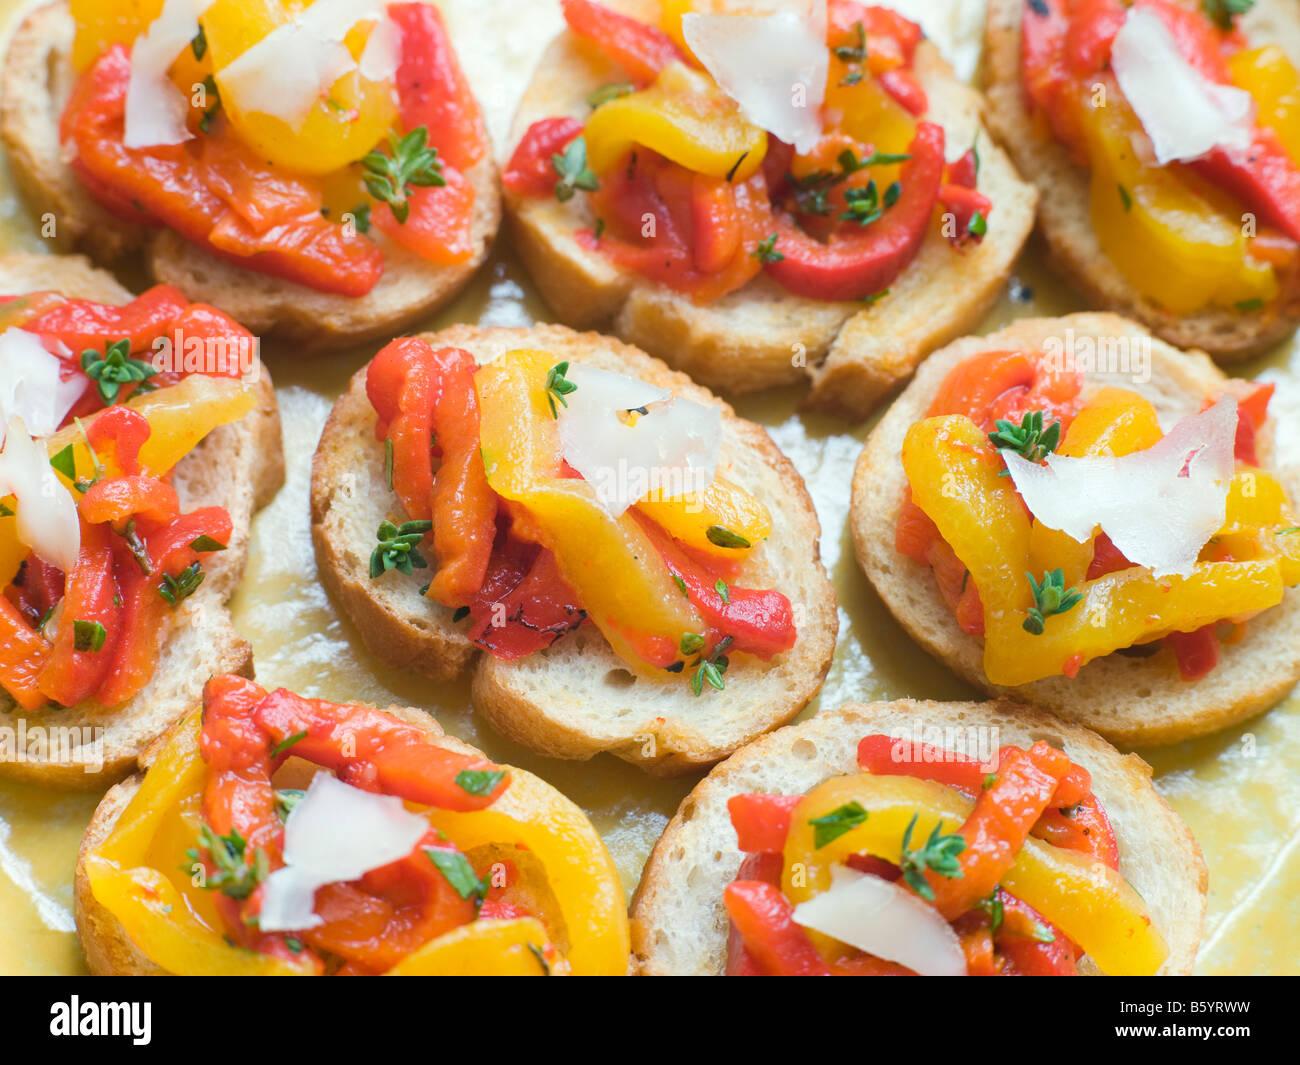 Öffnen Sie Tomaten und gerösteten Paprika Sandwich mit Manchego-Käse Stockbild